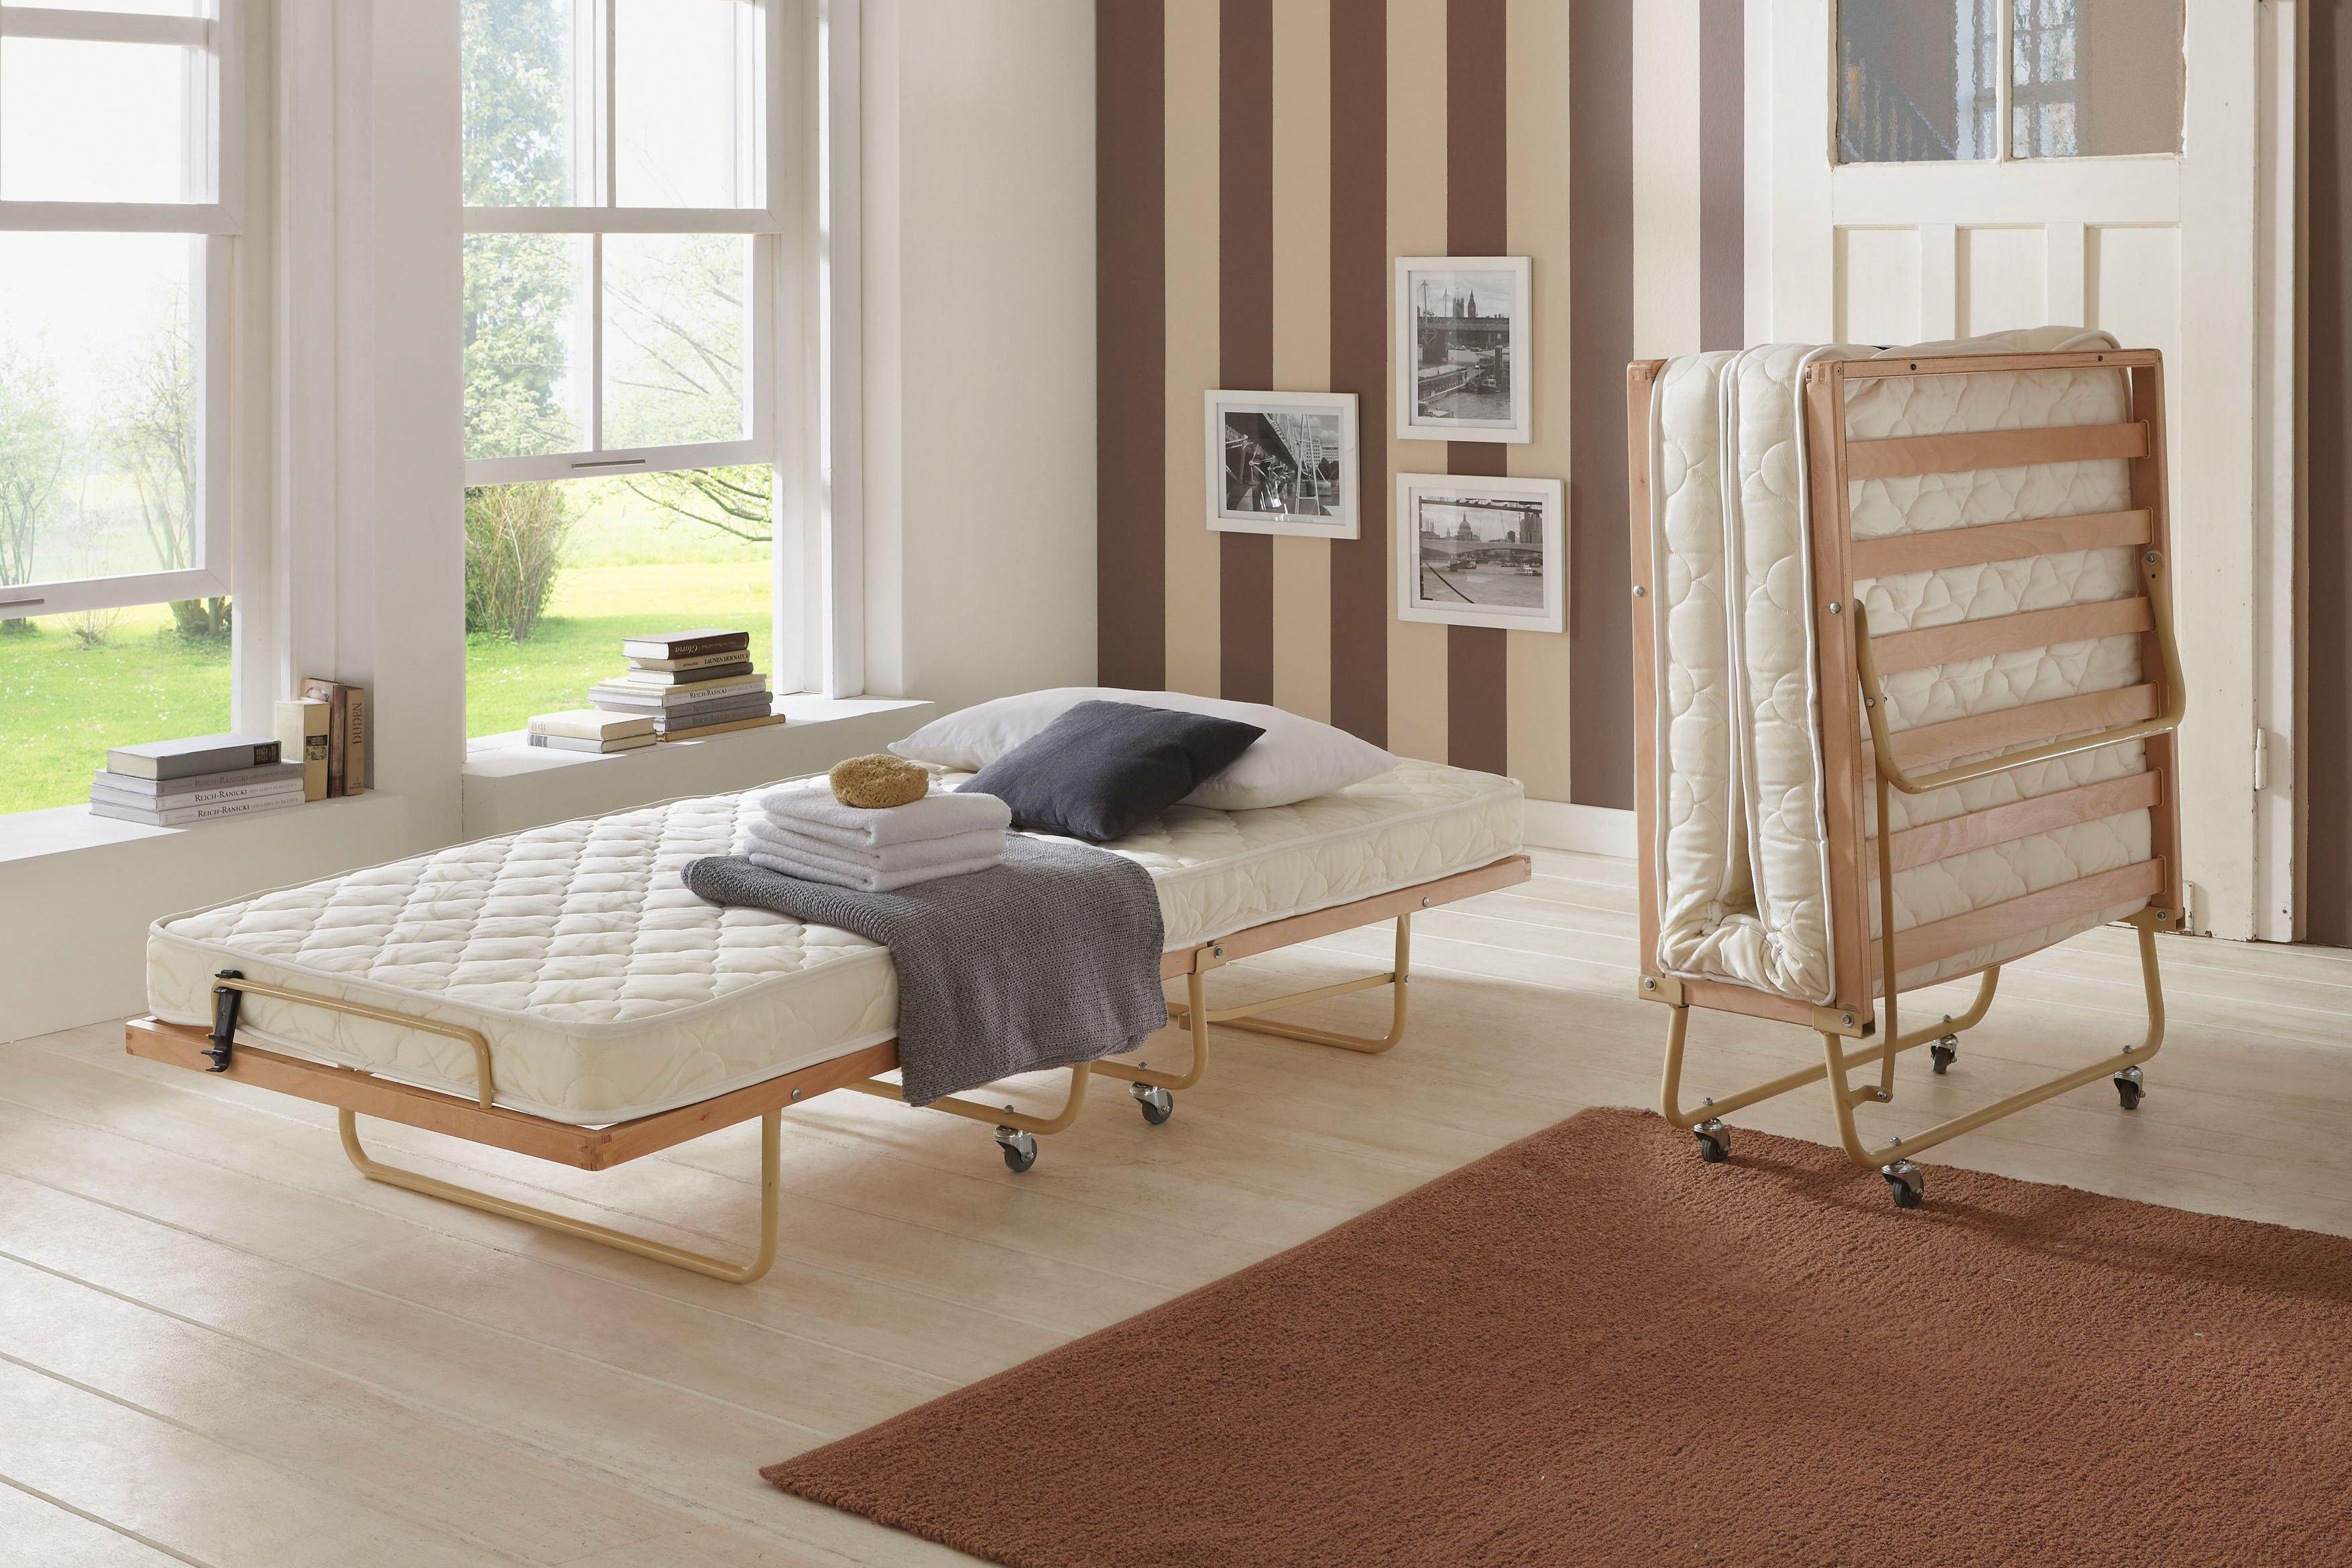 Dico Möbel Restbook Klappbett Holz Metall Möbel Letz Ihr